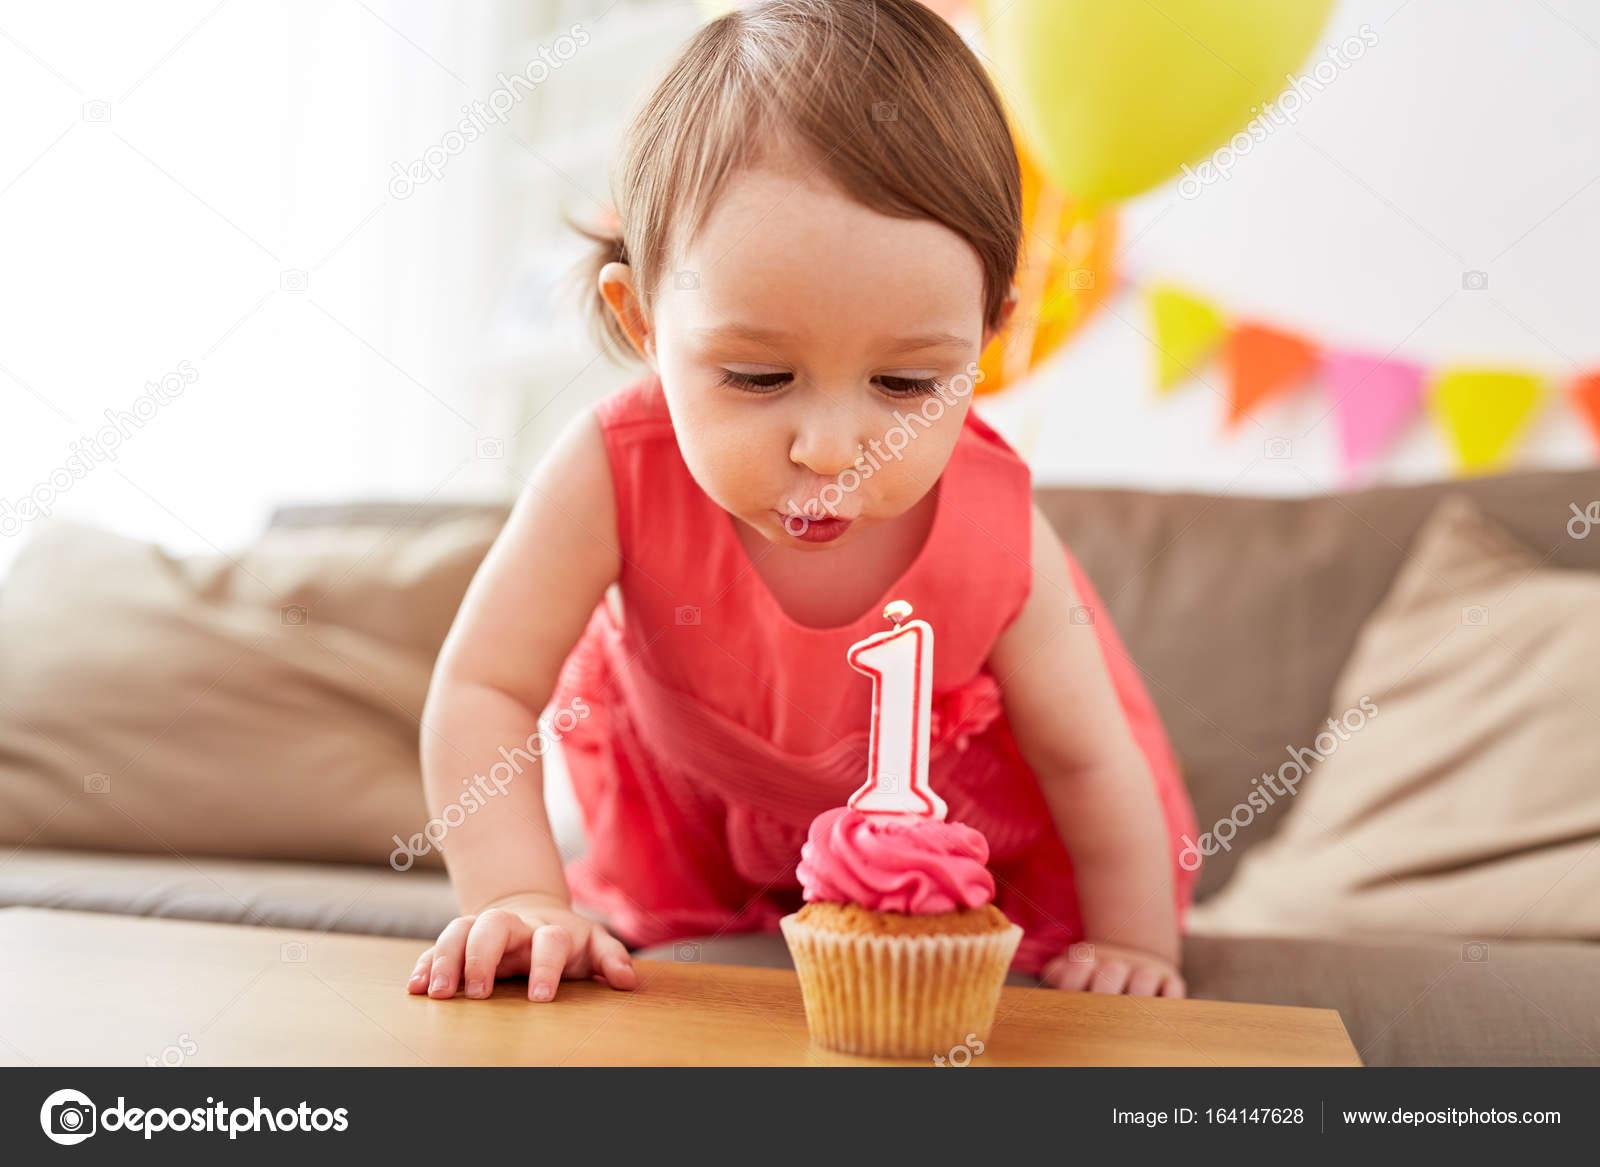 Madchen Blast Zur Kerze Auf Cupcake Am Geburtstag Stockfoto